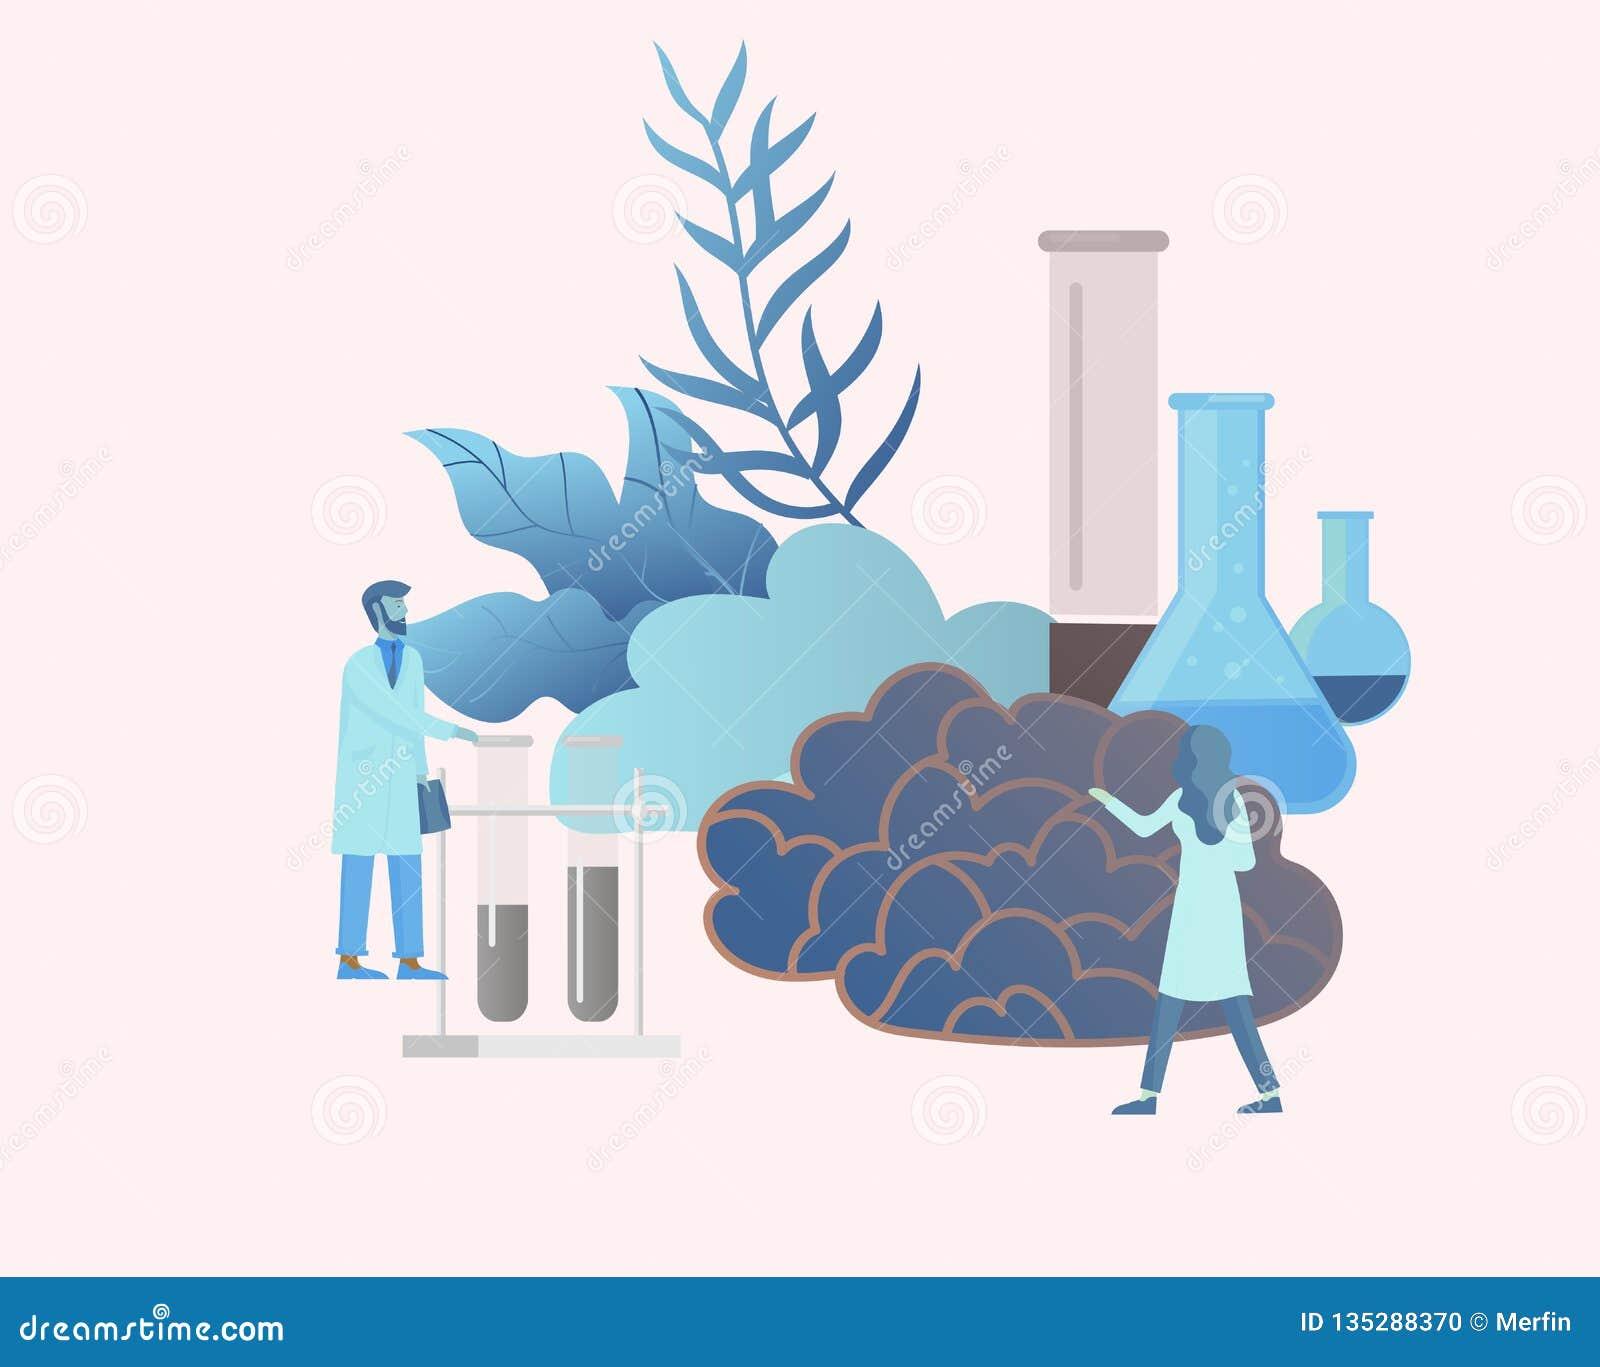 Έννοια γενετικής νευρολογίας Επίπεδη ιατρική ομάδα γιατρών ανθρώπων ύφους μικρή που εργάζεται, κατασκευάζοντας το DNA, έρευνα